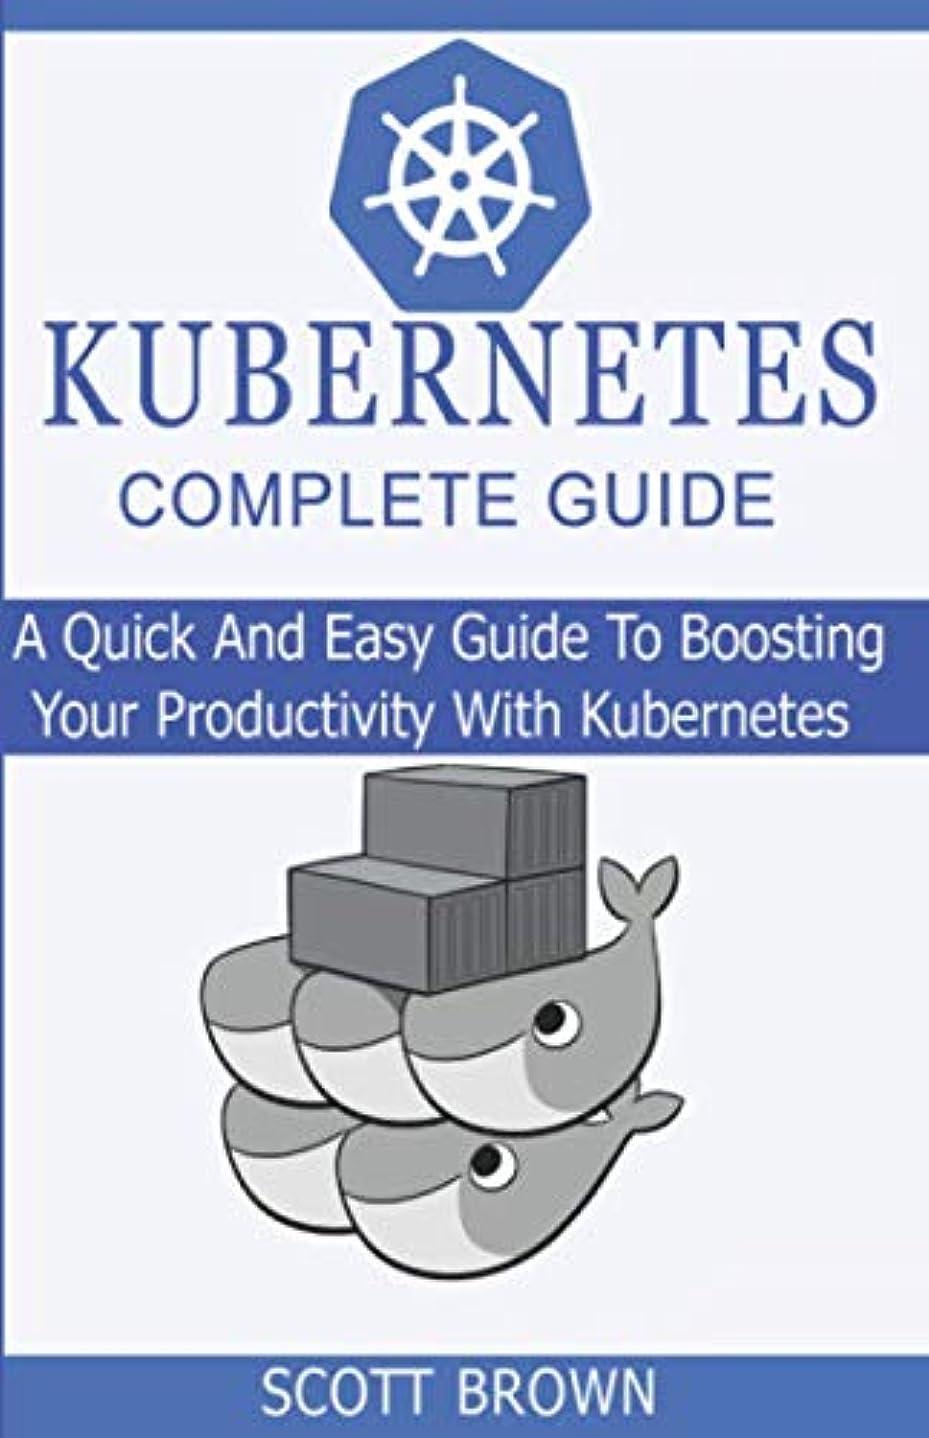 ロンドン海洋吐くKUBERNETES COMPLETE GUIDE: A Quick And Easy Guide To Boosting Your Productivity With Kubernetes